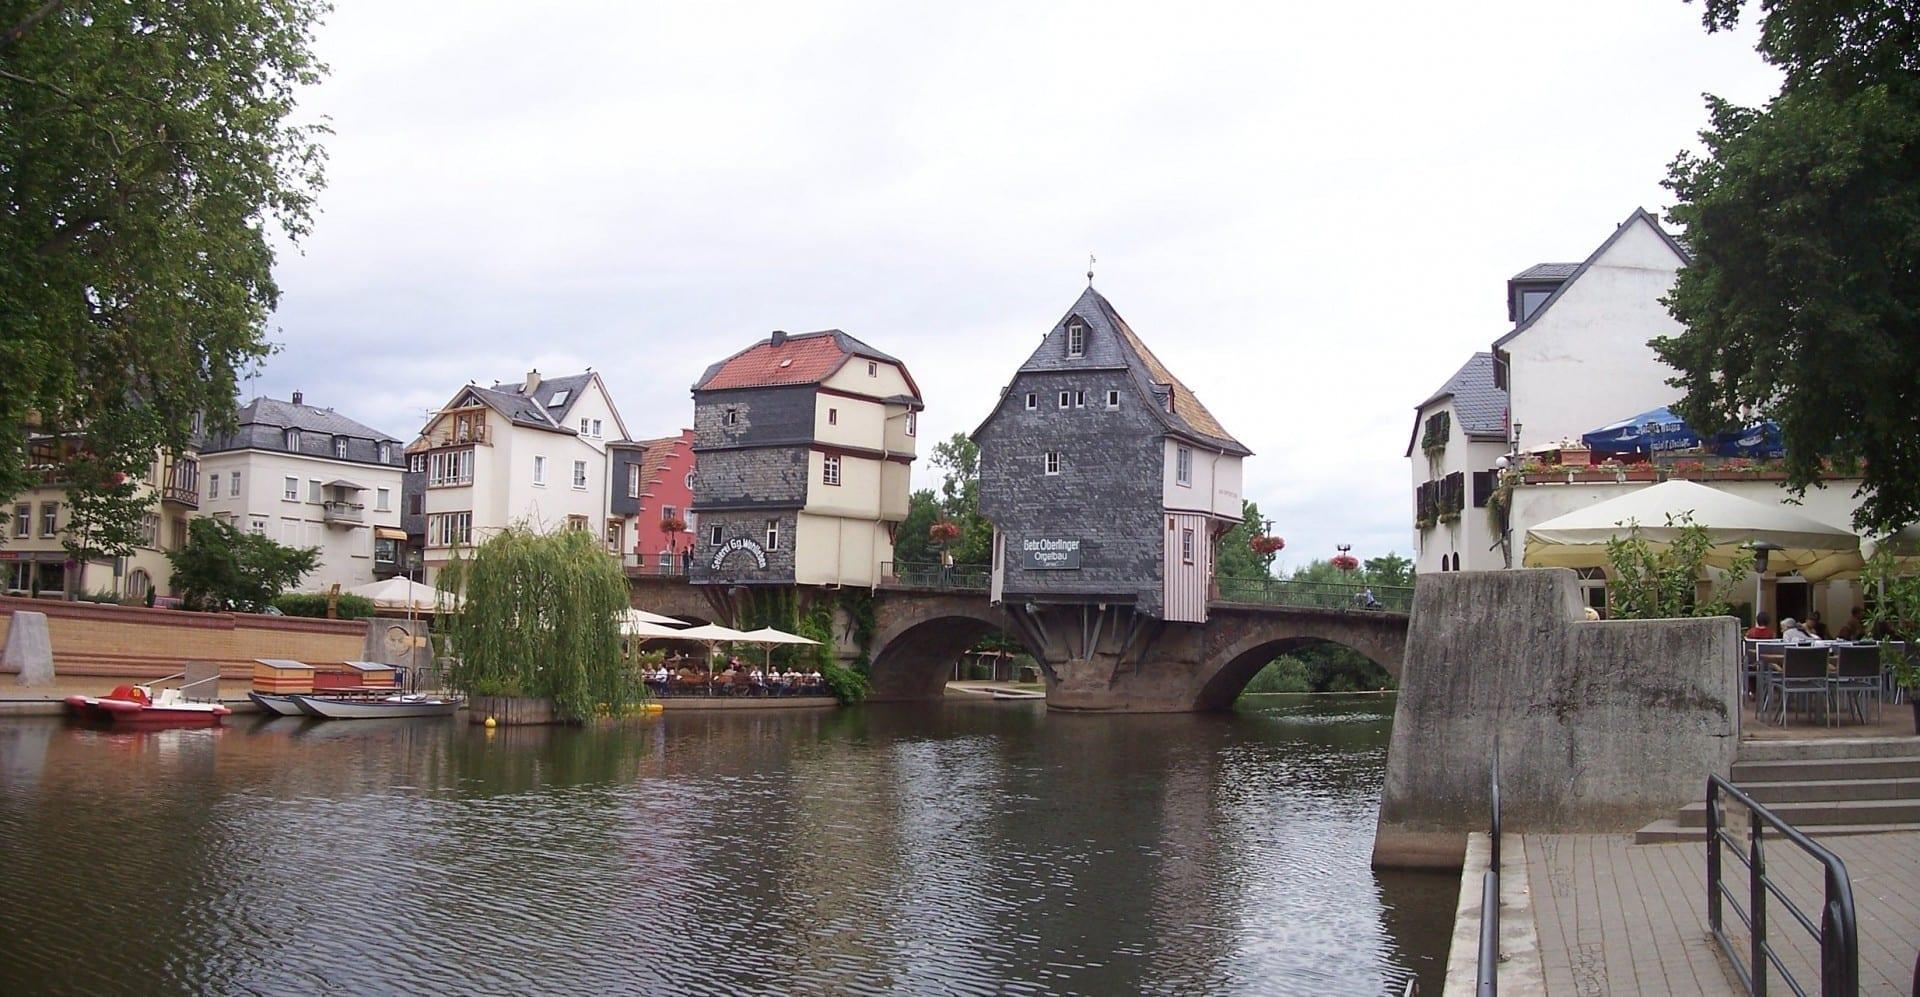 El viejo puente con las casas de los puentes Bad Kreuznach Alemania